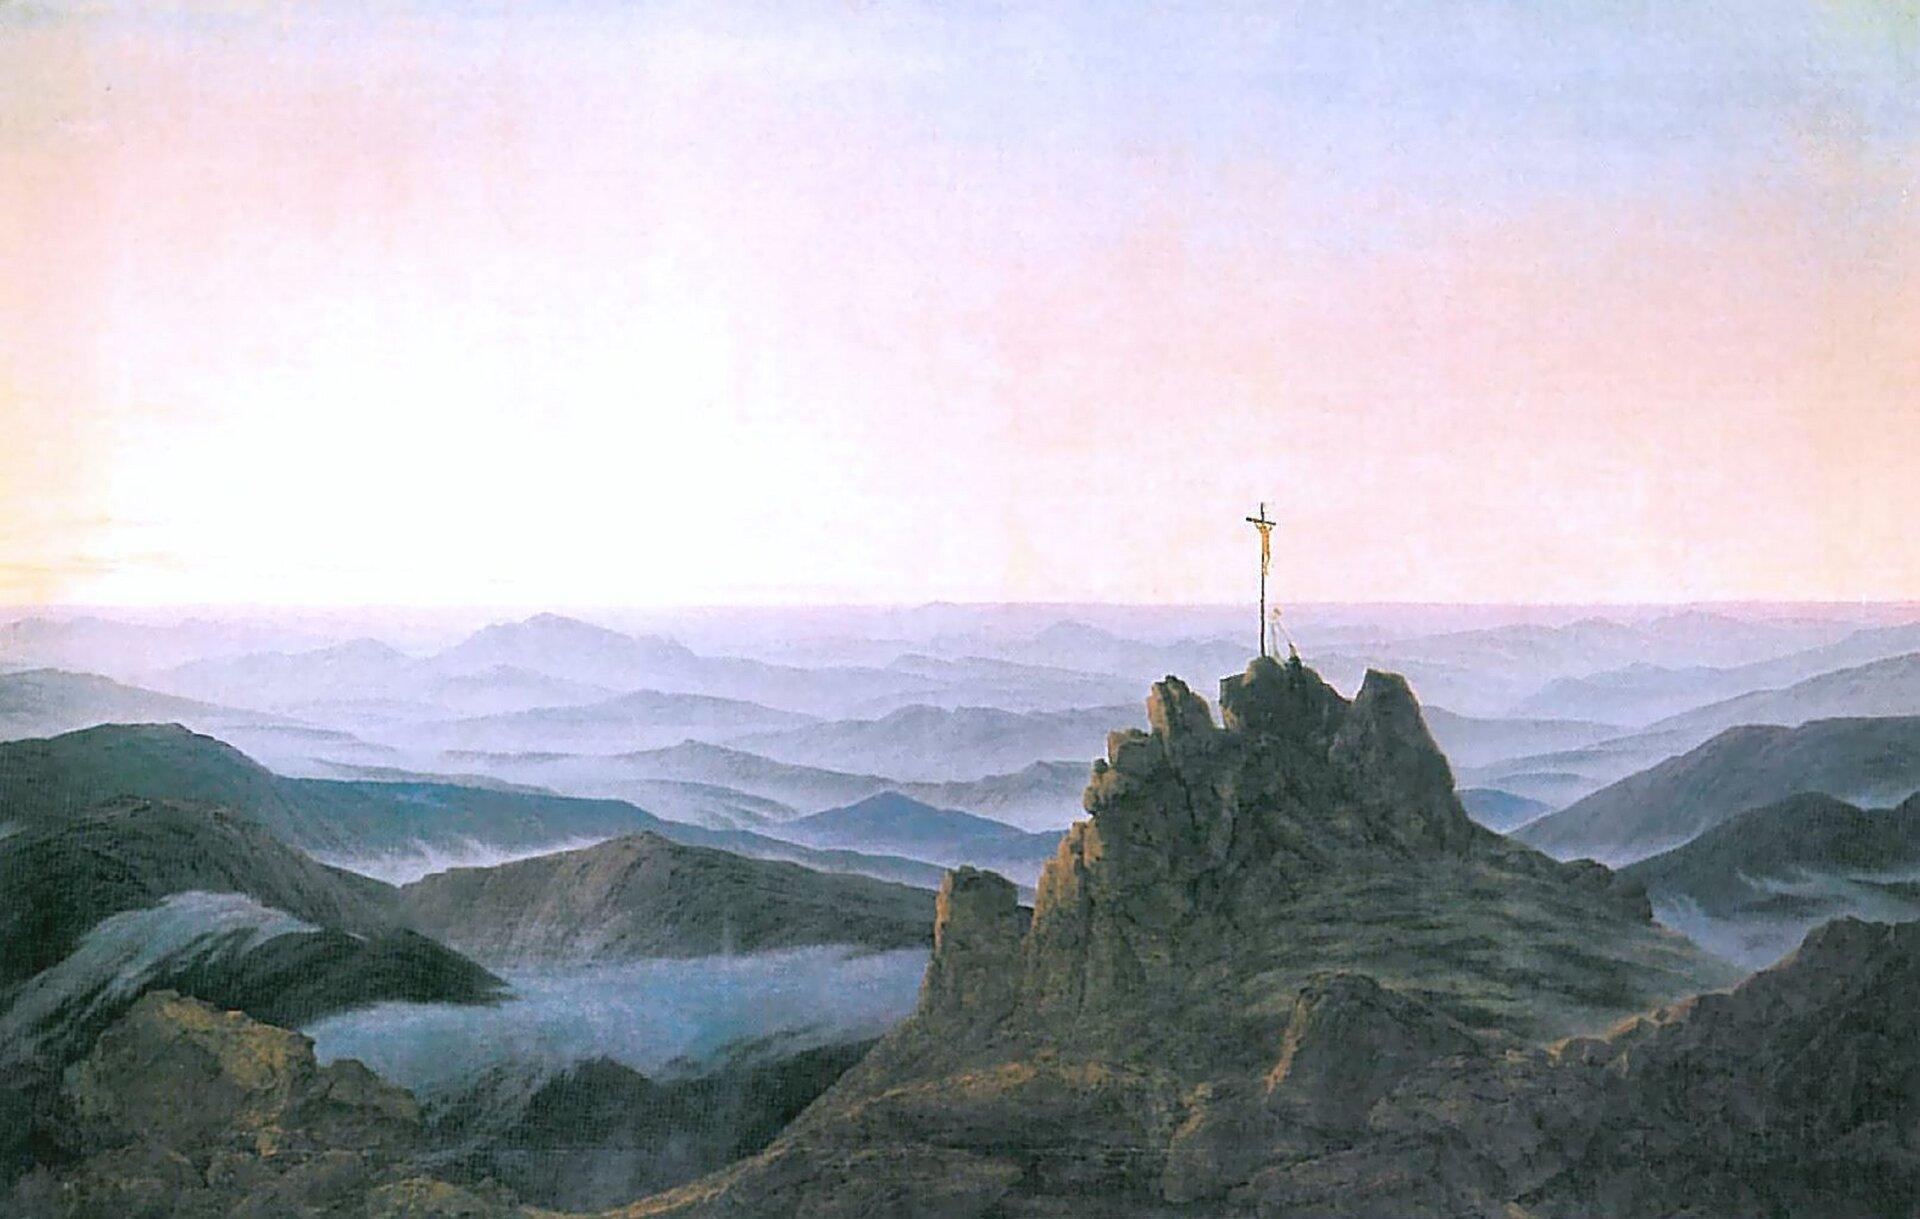 """Ilustracja okształcie poziomego prostokąta przedstawia obraz Caspara Davida Friedricha """"Poranek wKarkonoszach"""". Ukazuje spowite we mgle szczyty Karkonoszy. Na najwyższym szczycie osadzony jest krzyż. Góry układają się wpoziomie, tworząc pasy, przeplatające się zfioletowymi warstwami mgły. Oddalony pejzaż na horyzoncie  łączy się ztłem, którym jest jasne, cieniowane od bieli do różów ifioletów niebo."""